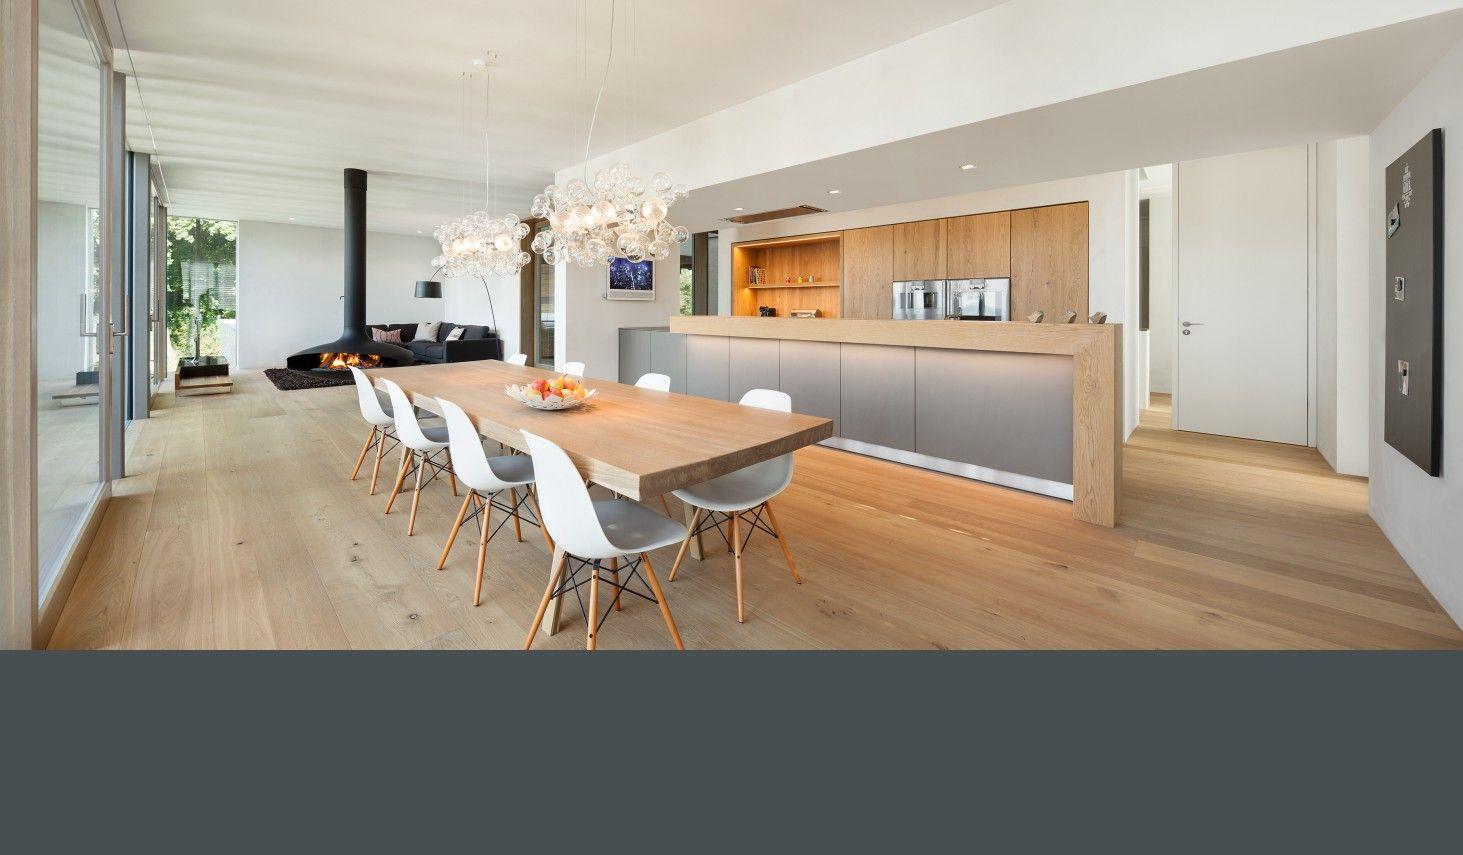 berschneider berschneider architekten bda innenarchitekten neumarkt kchen - Fantastisch Moderne Innenarchitektur Einfamilienhaus